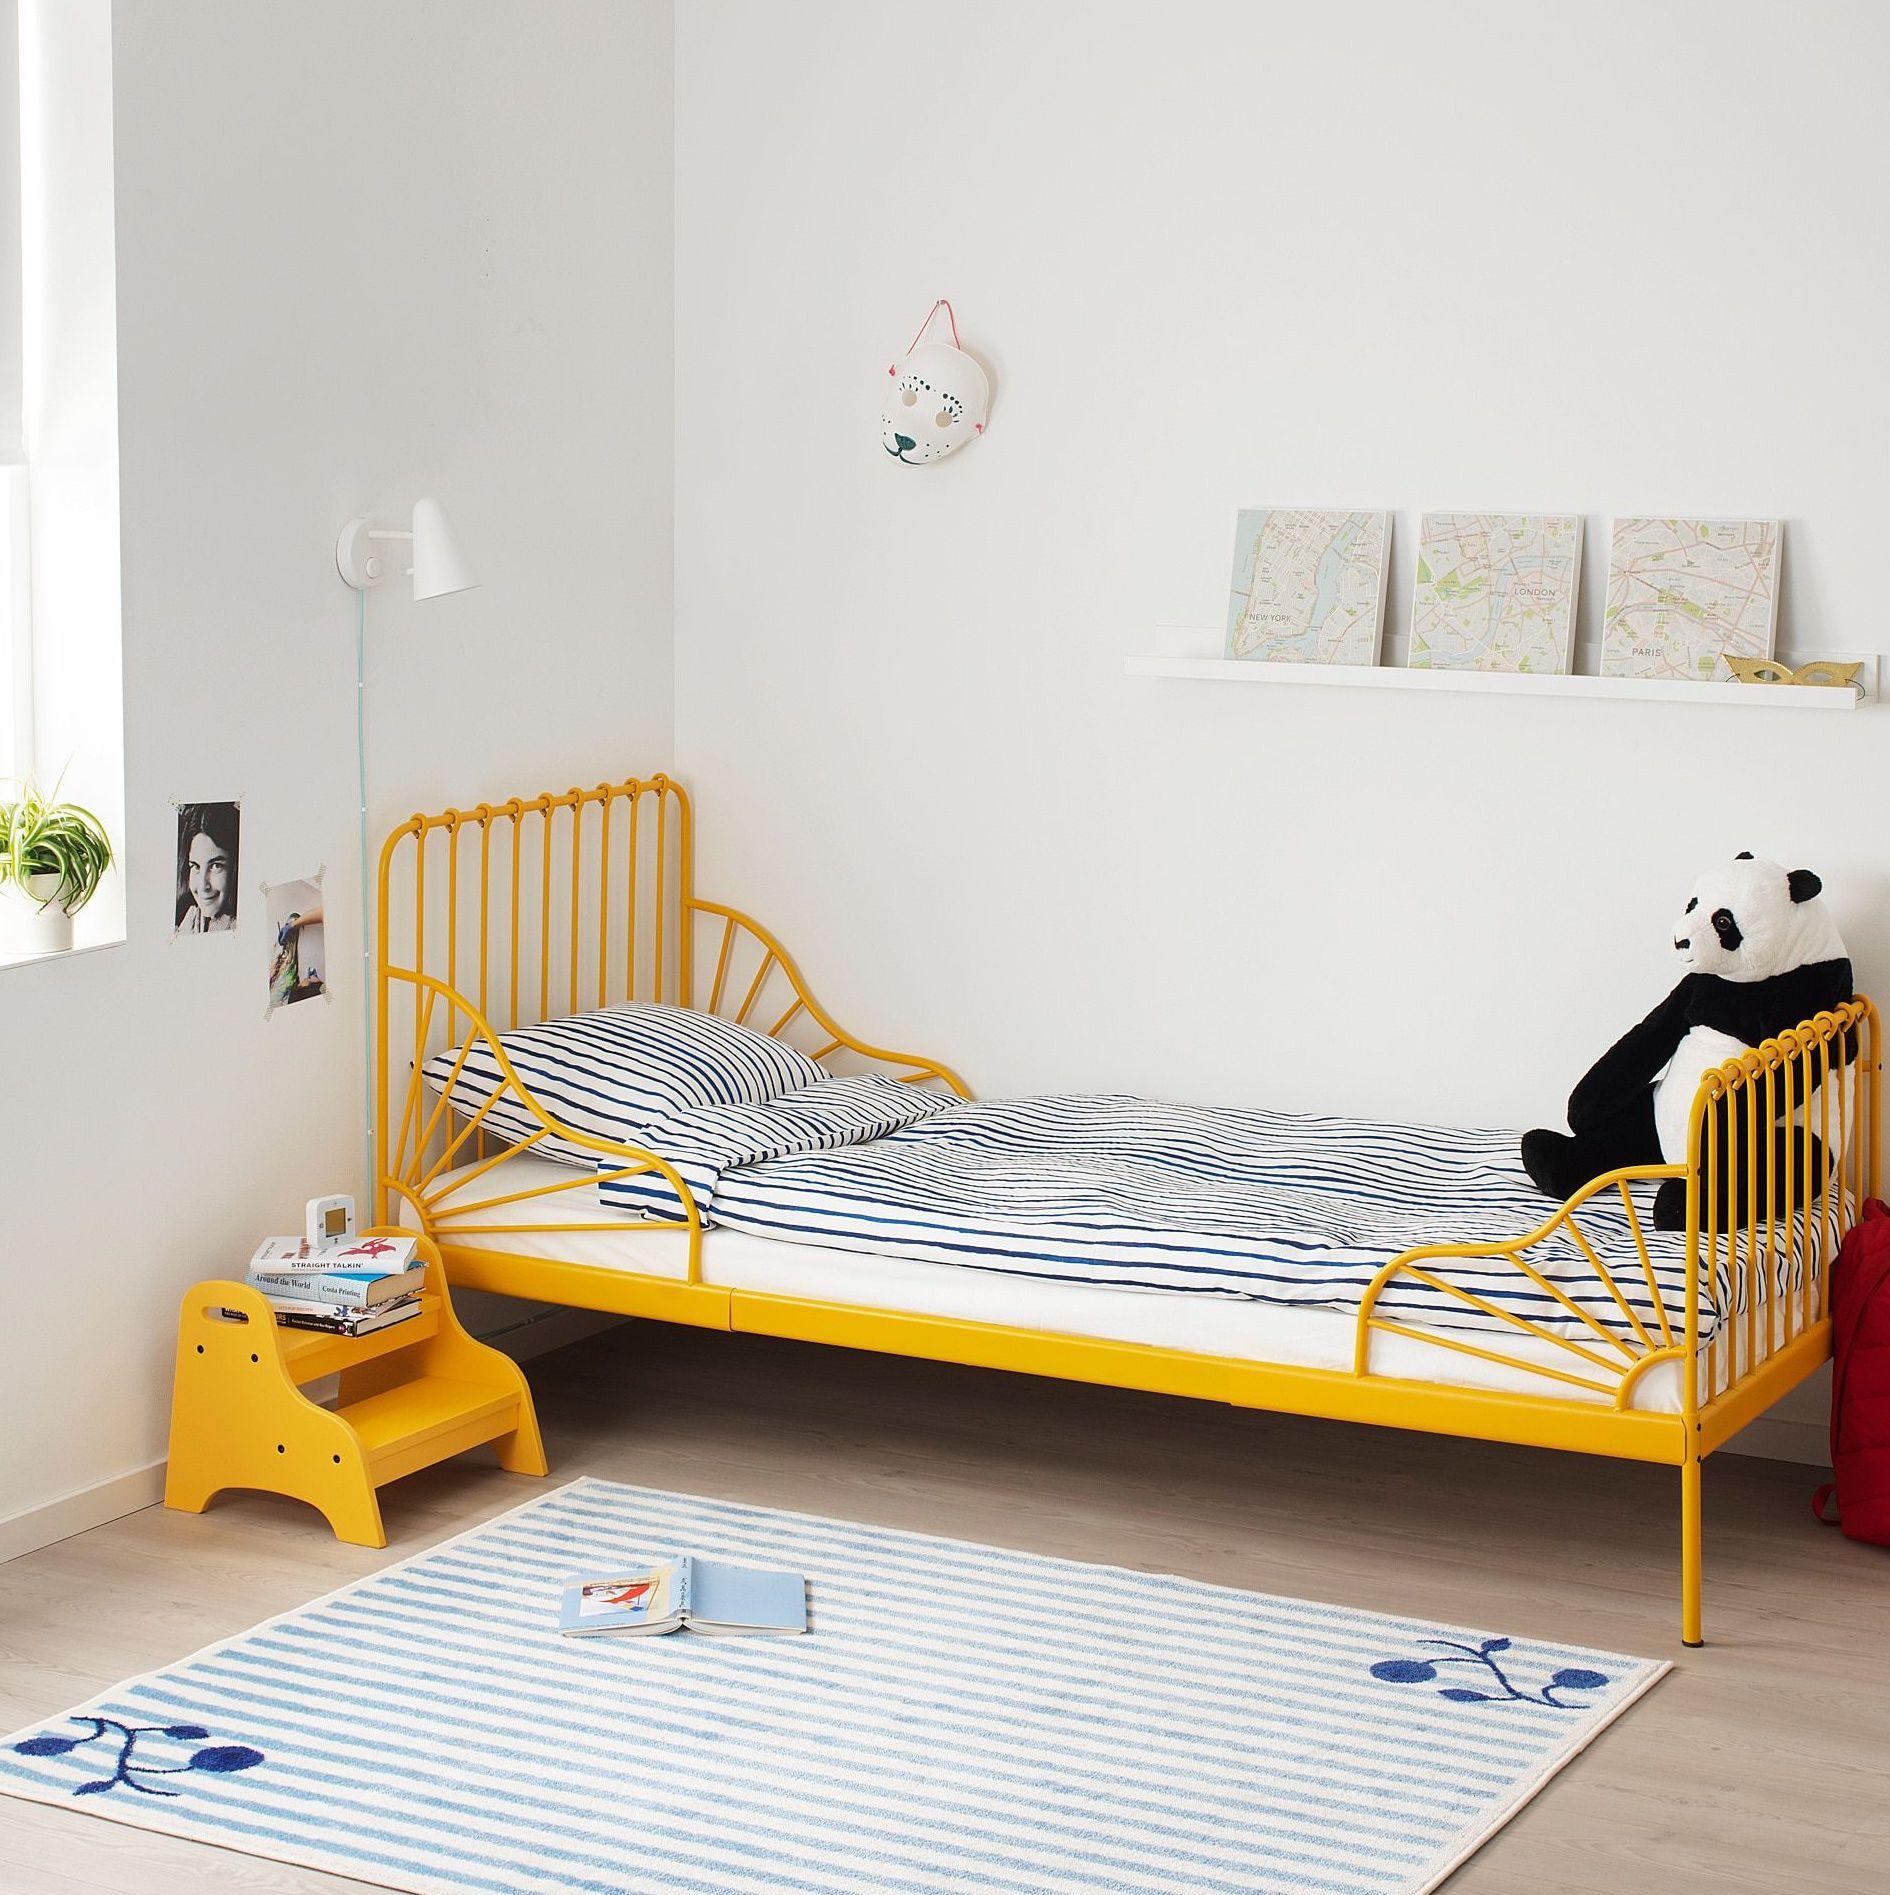 IKEA Minnen Extendable Beds